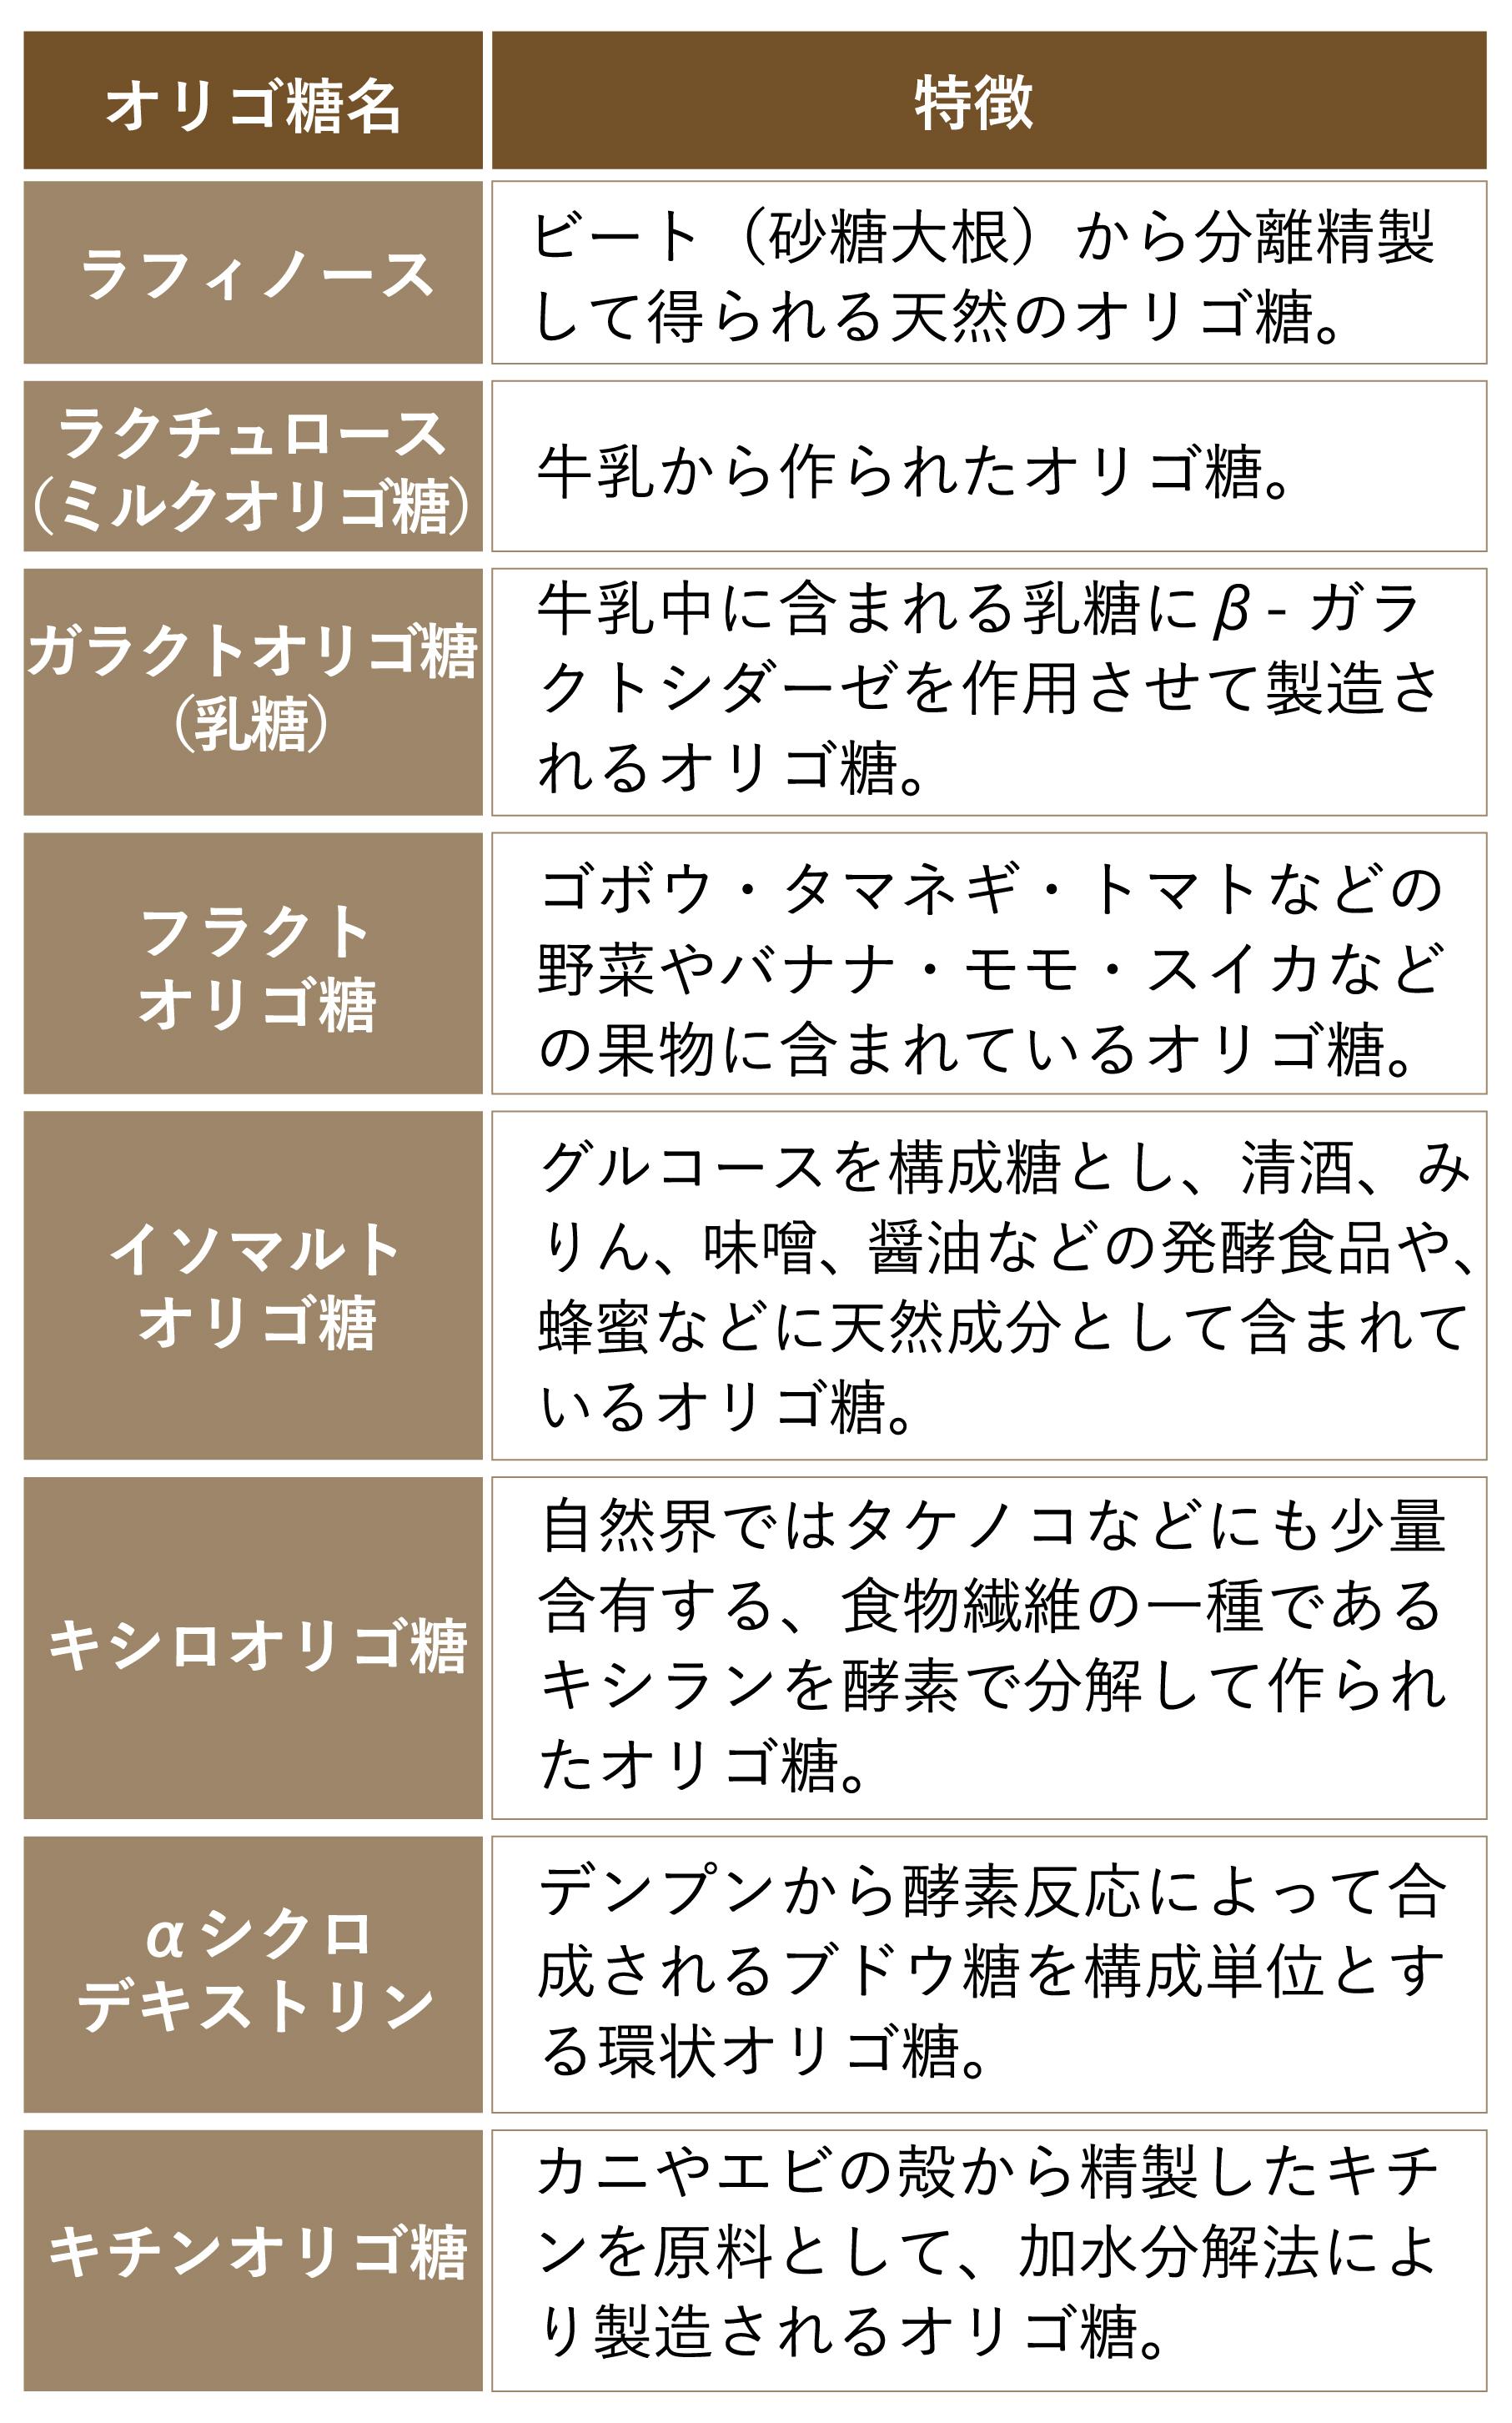 オリゴ糖の詳細